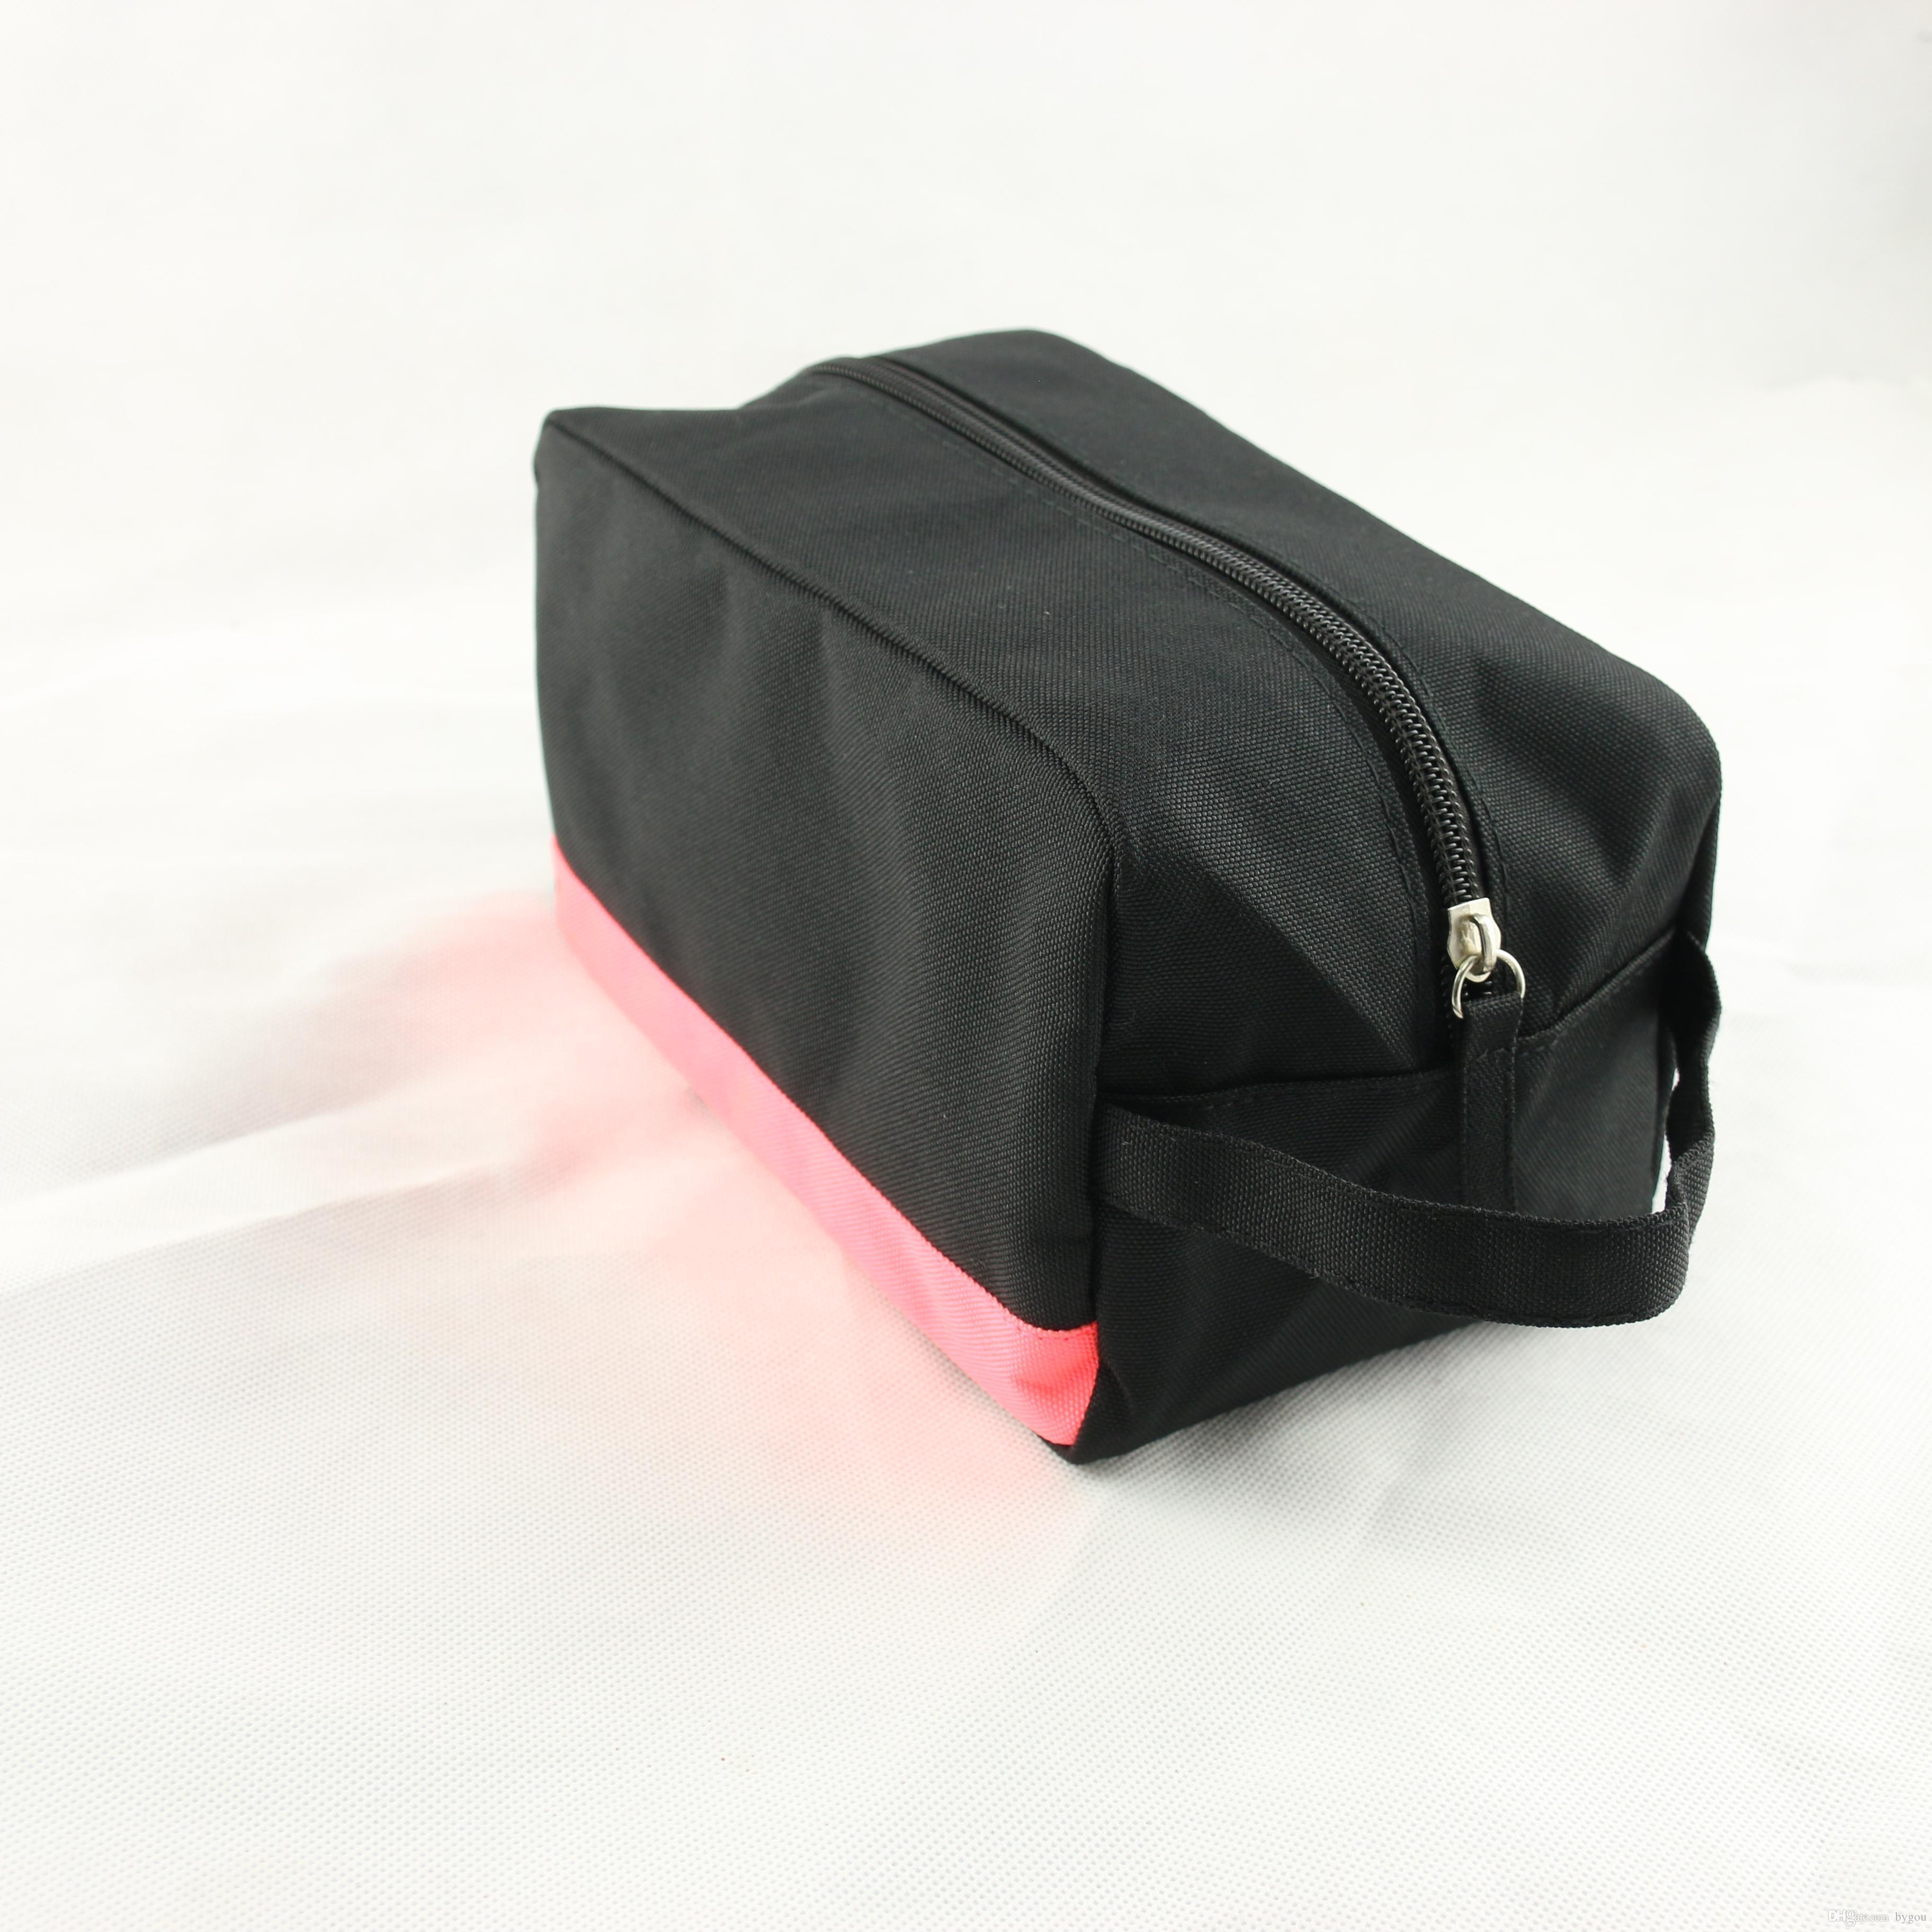 10 Простая сумка нейлоновая и универсальная сумка Путешествия ПК / Сумка 900D Мойка Портативный Портативный Многофункциональный Хранение Косметические Водонепроницаемый Storag PBQSA